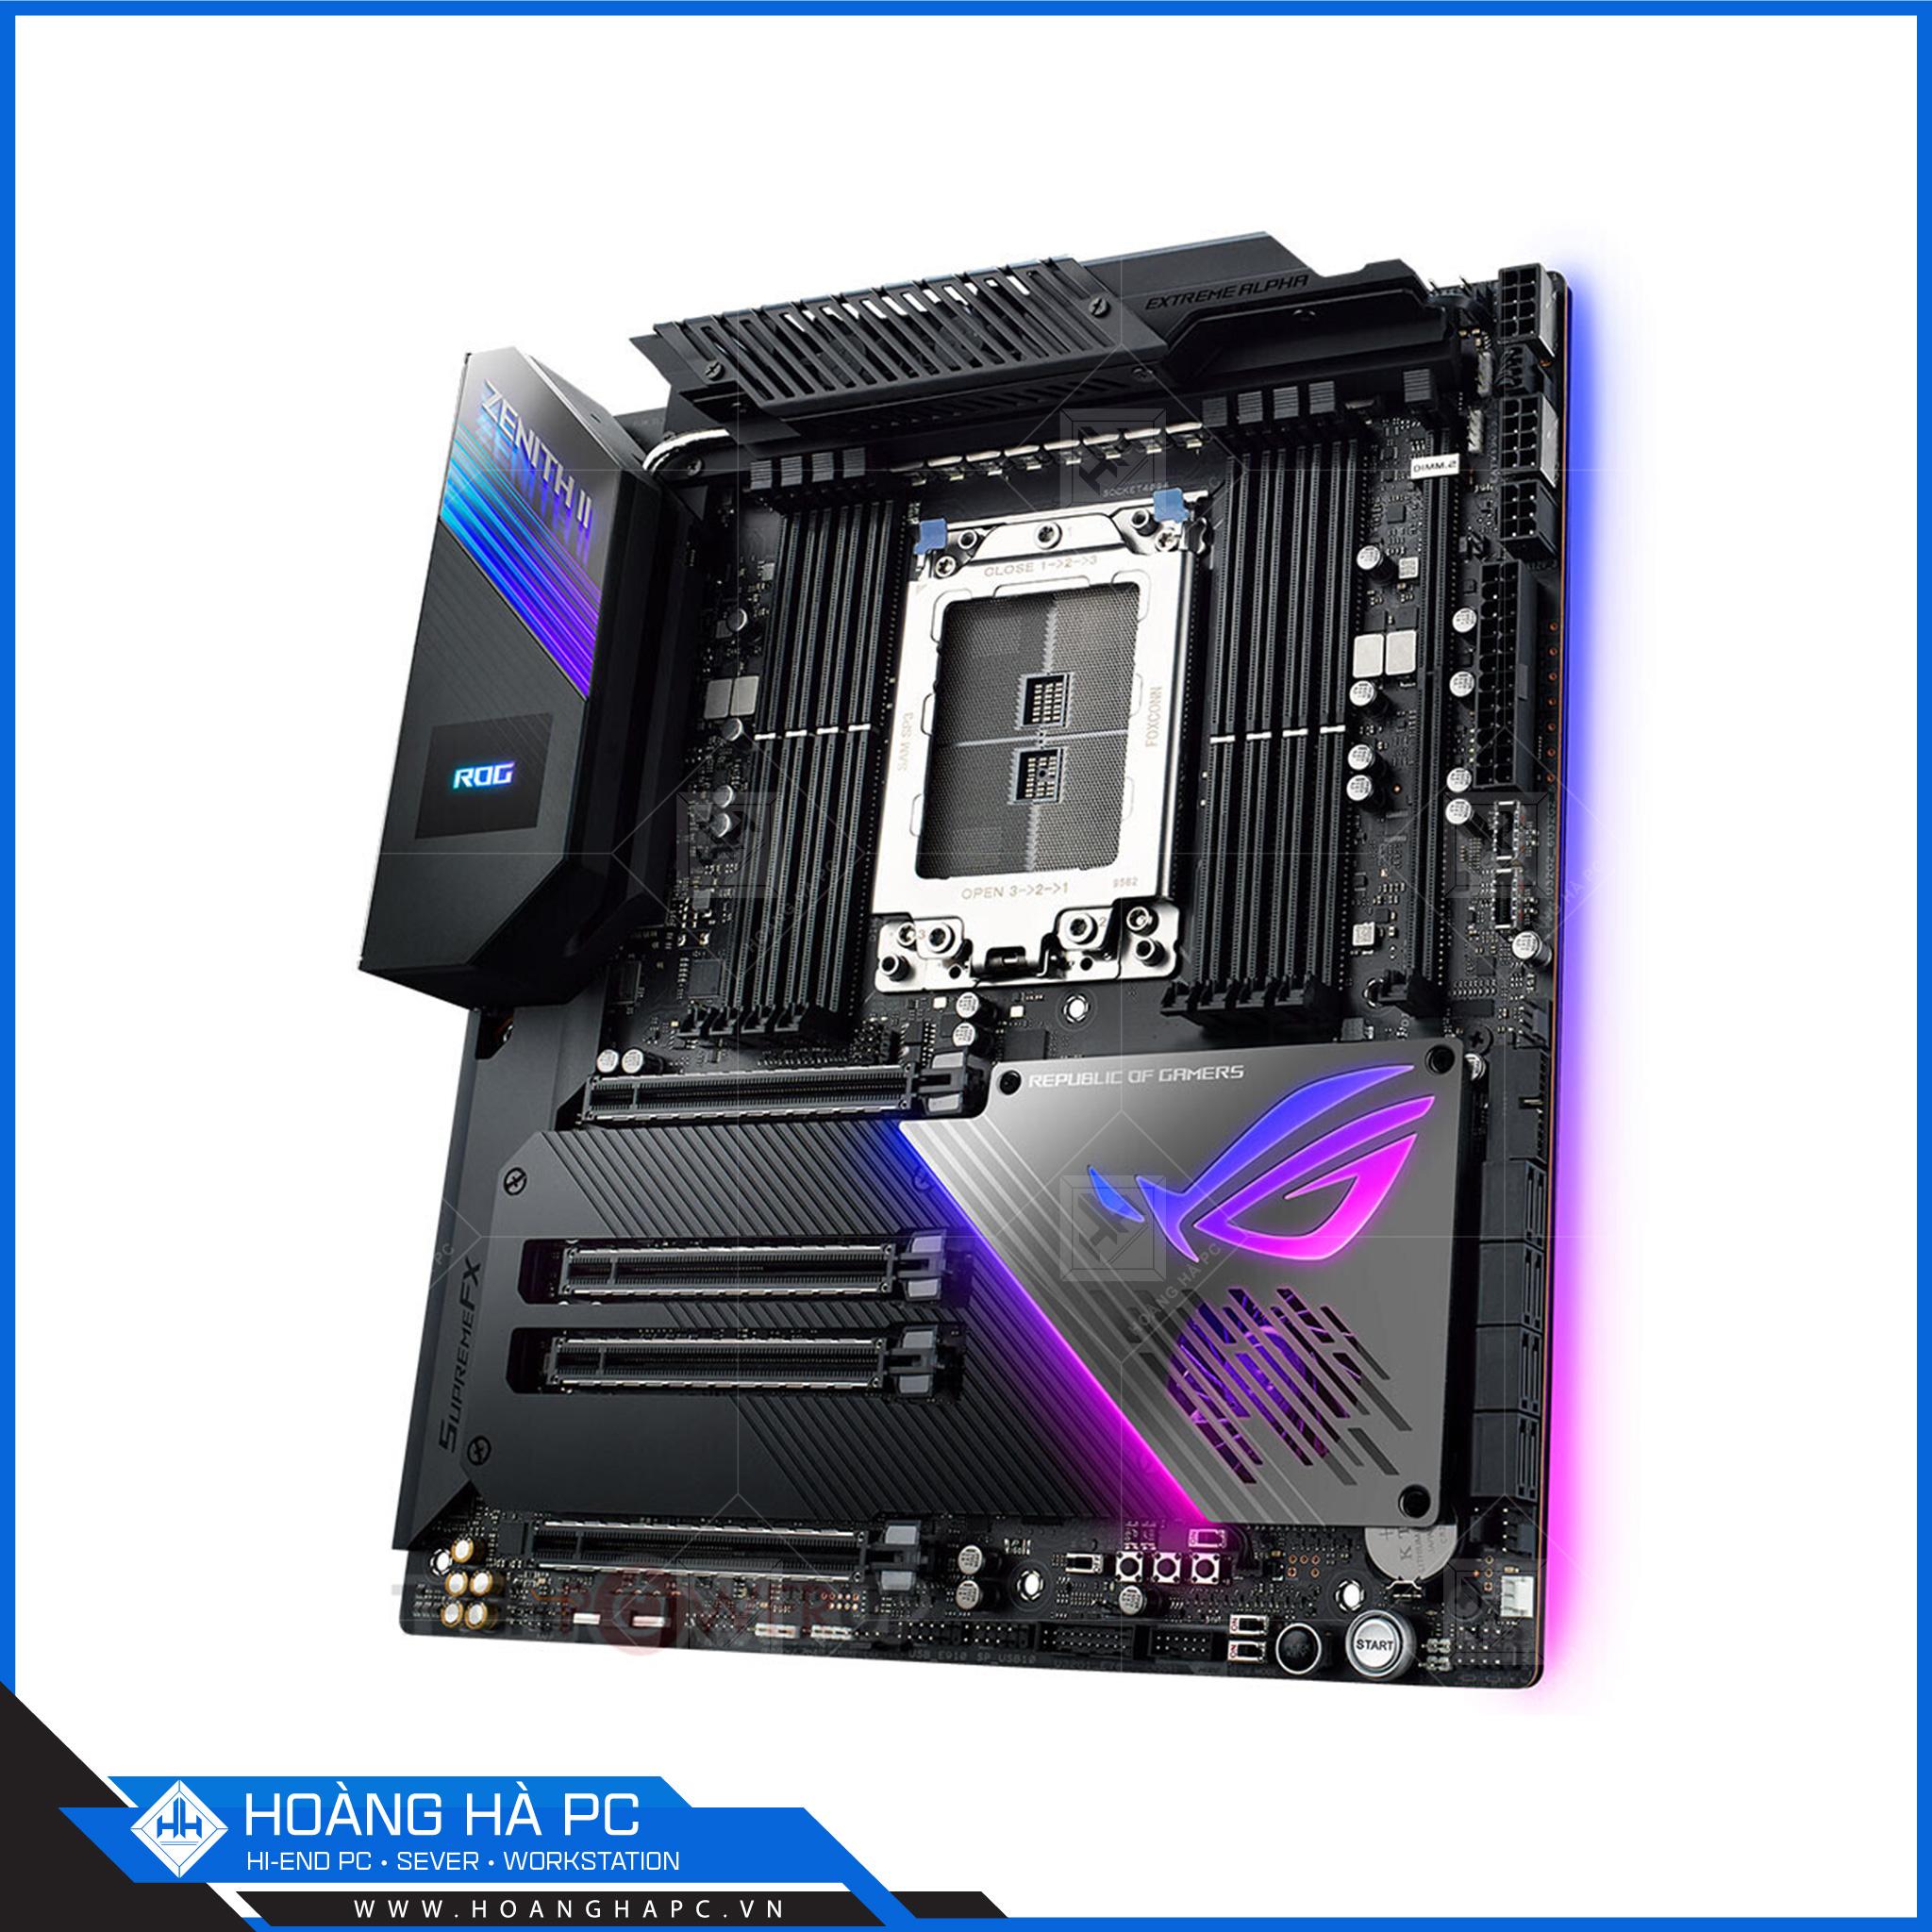 Mainboard, bo mạch chủ có Socket sTRX4 cao cấp dành cho CPU AMD